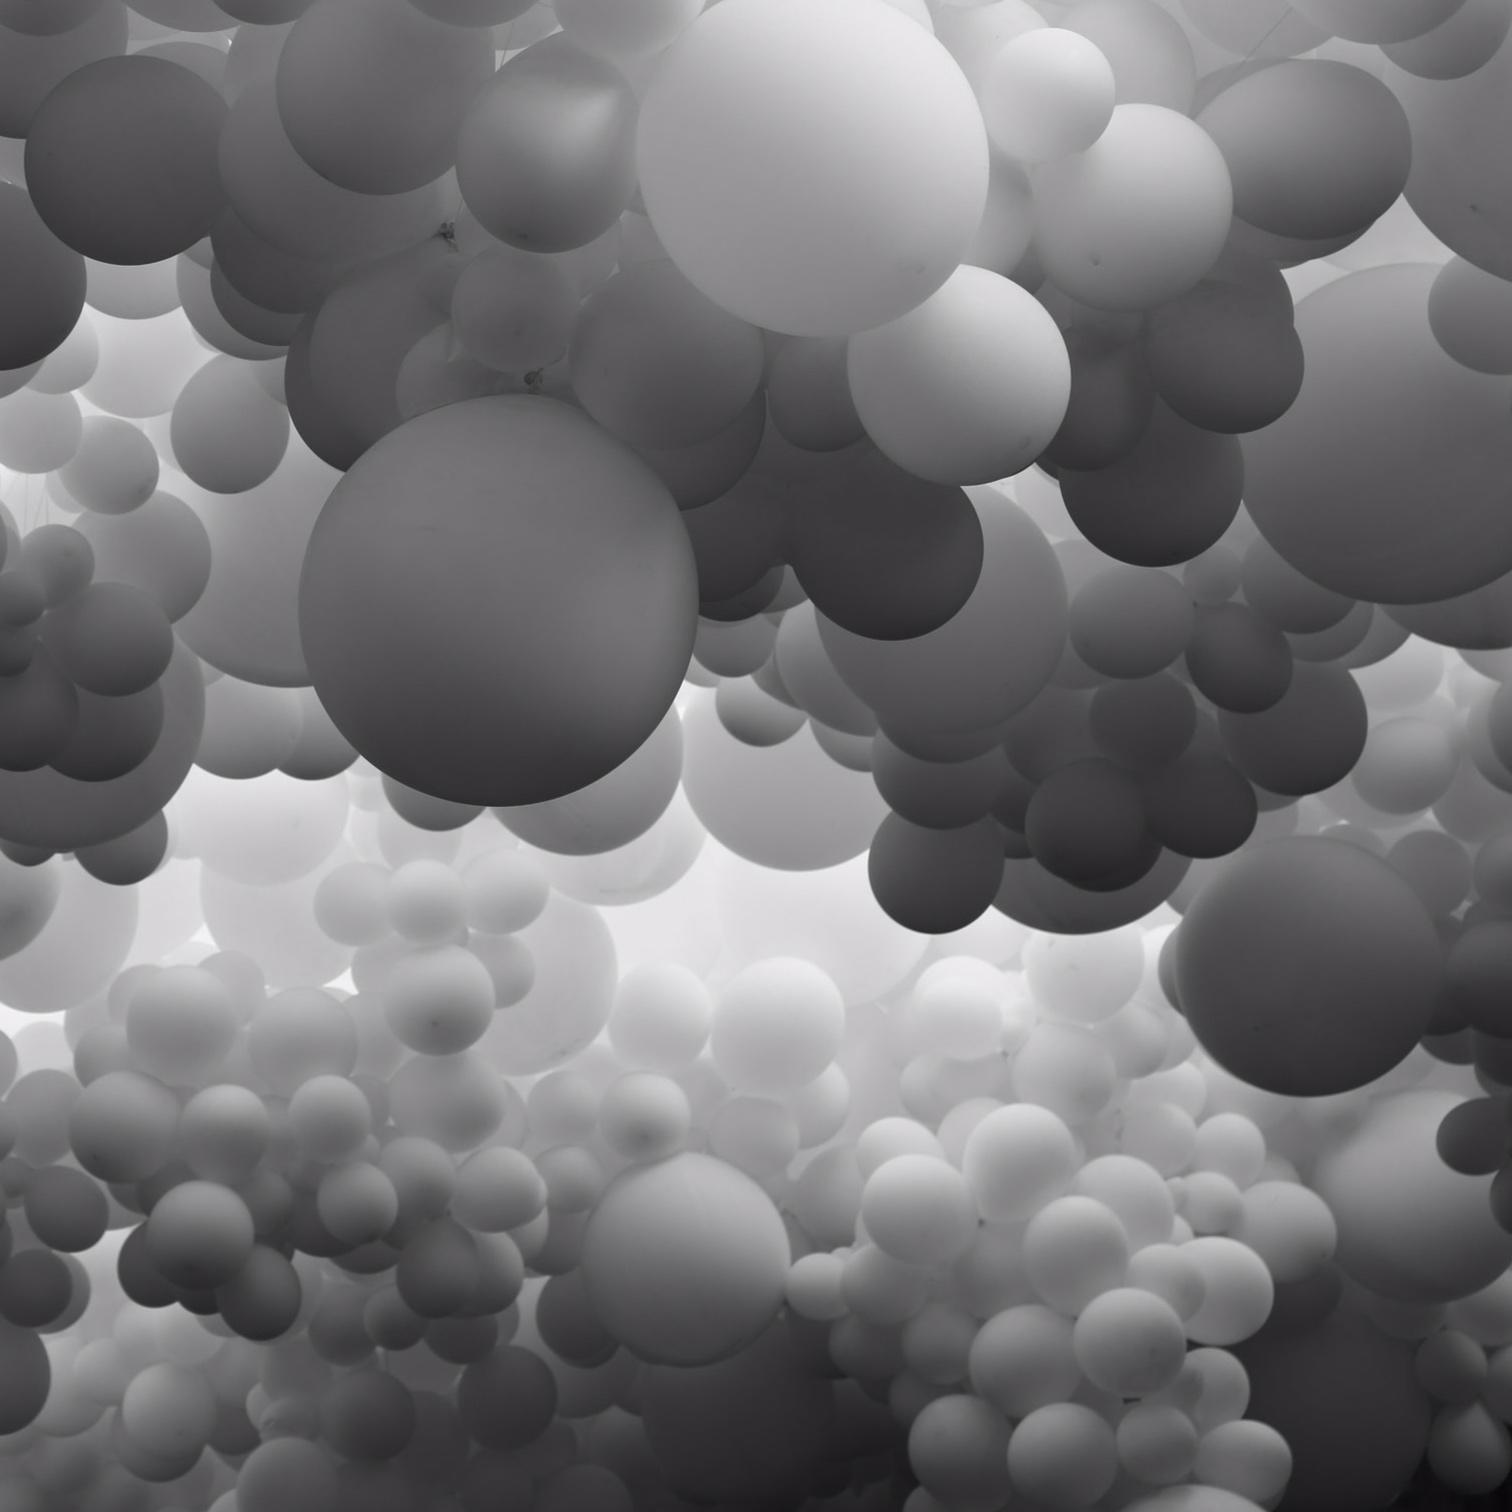 99 white balloons